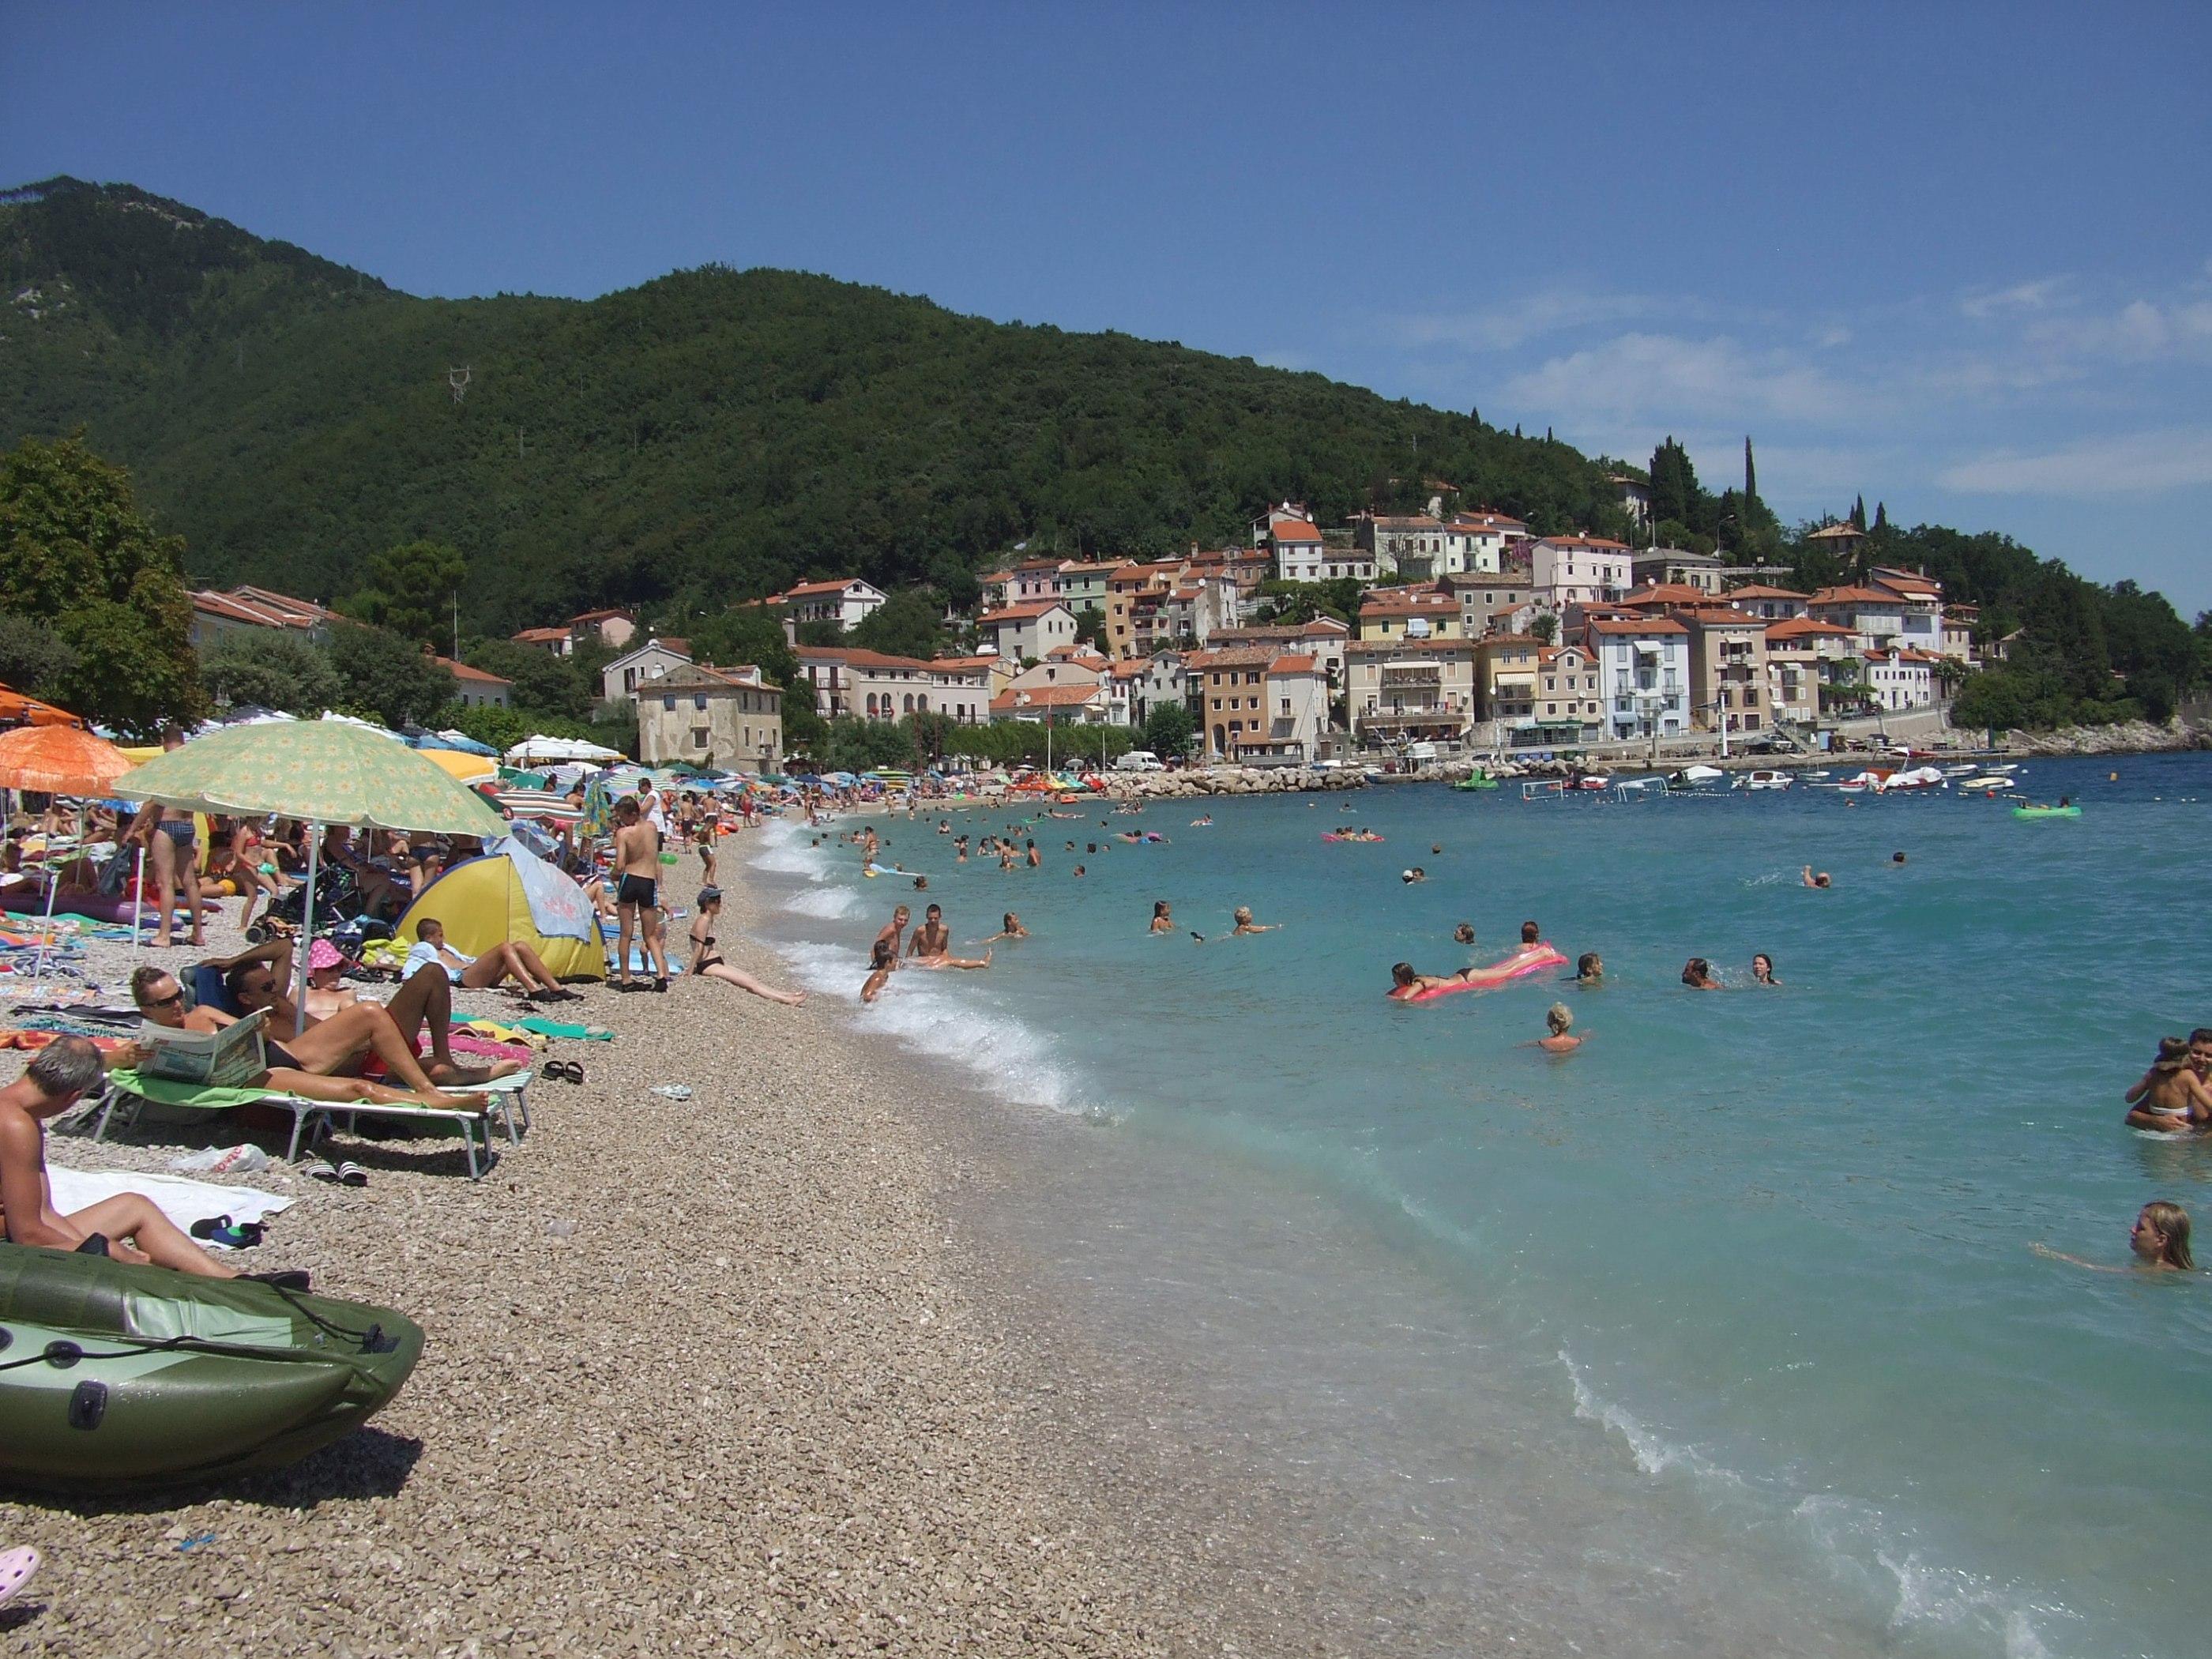 Urlaub Strand Unterkunft Reisetipps Hotelreservierung Und